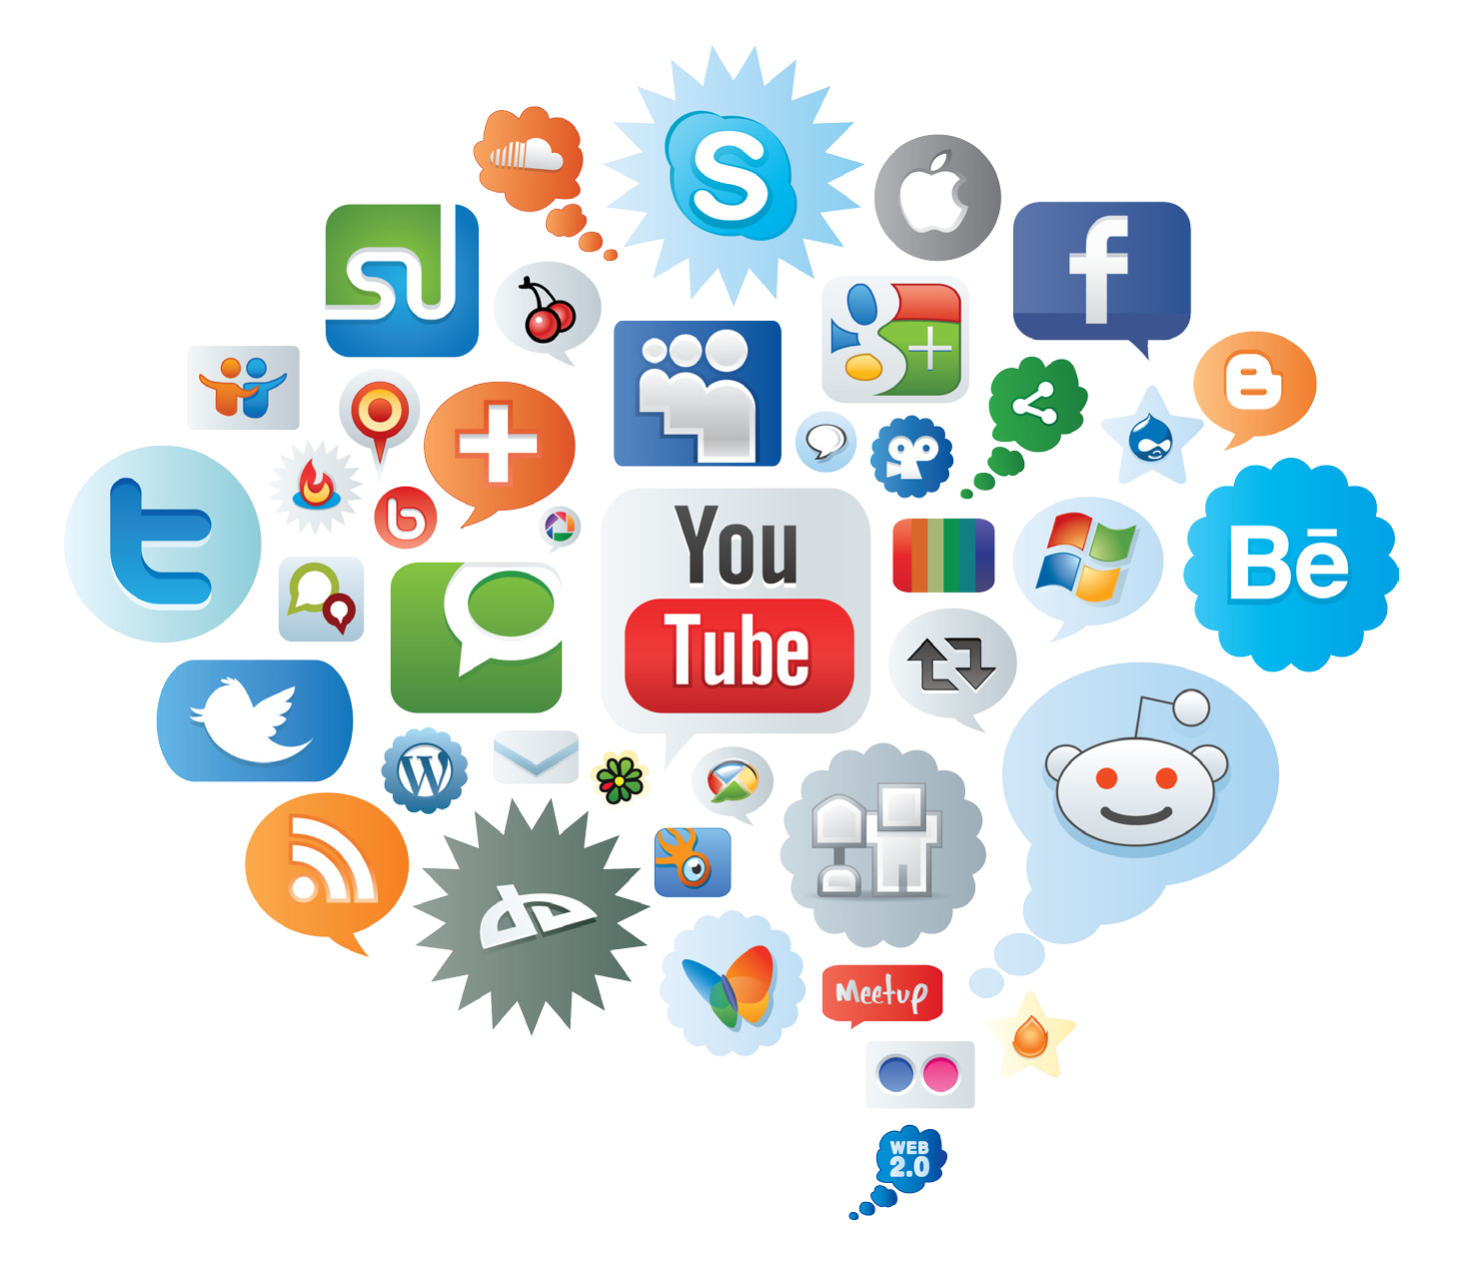 التسويق الإلكتروني والربح من الانترنت